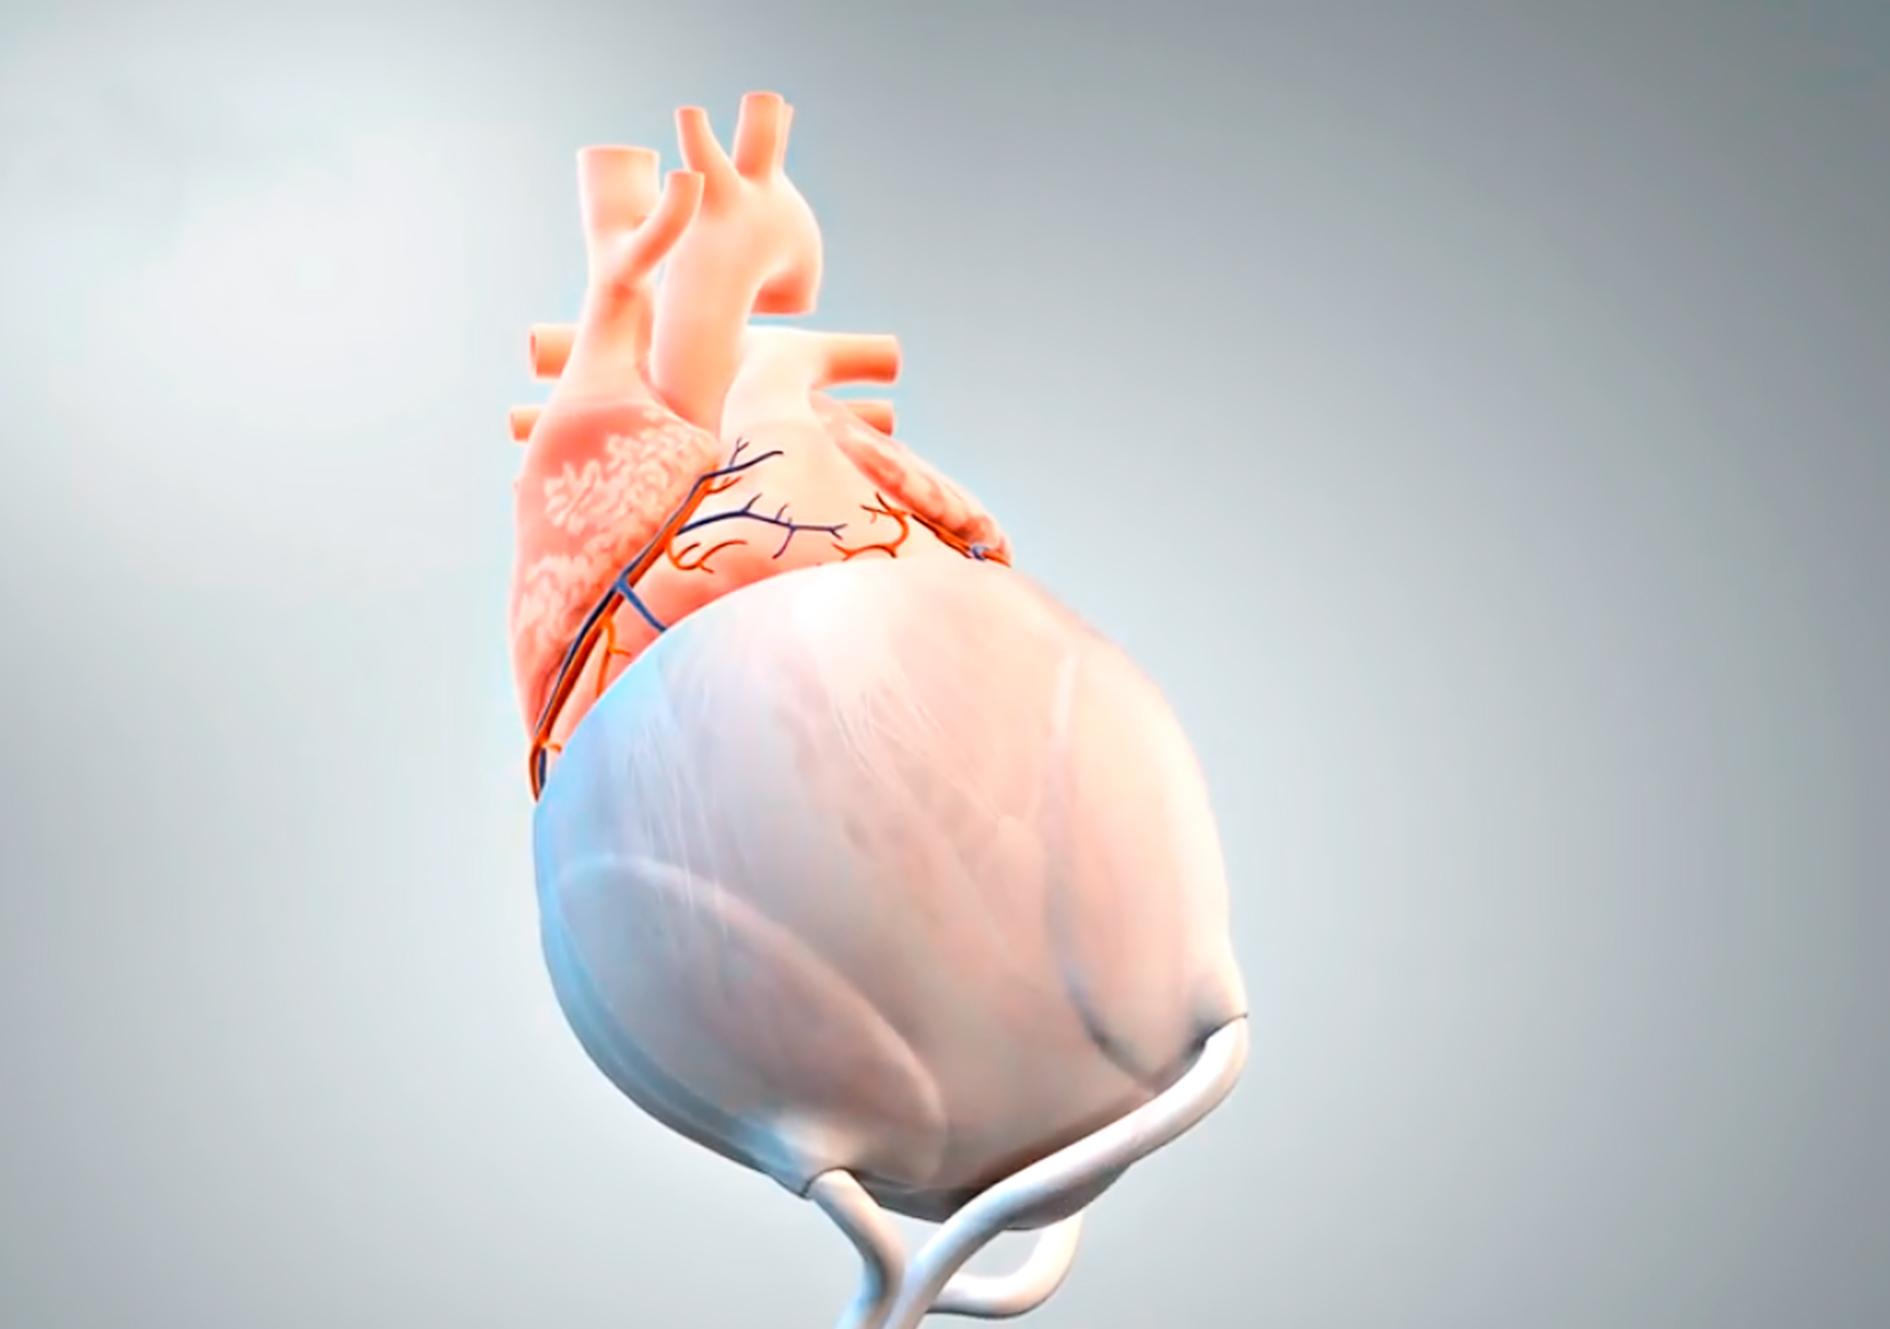 Darstellung des Implantats am Herzbeutel